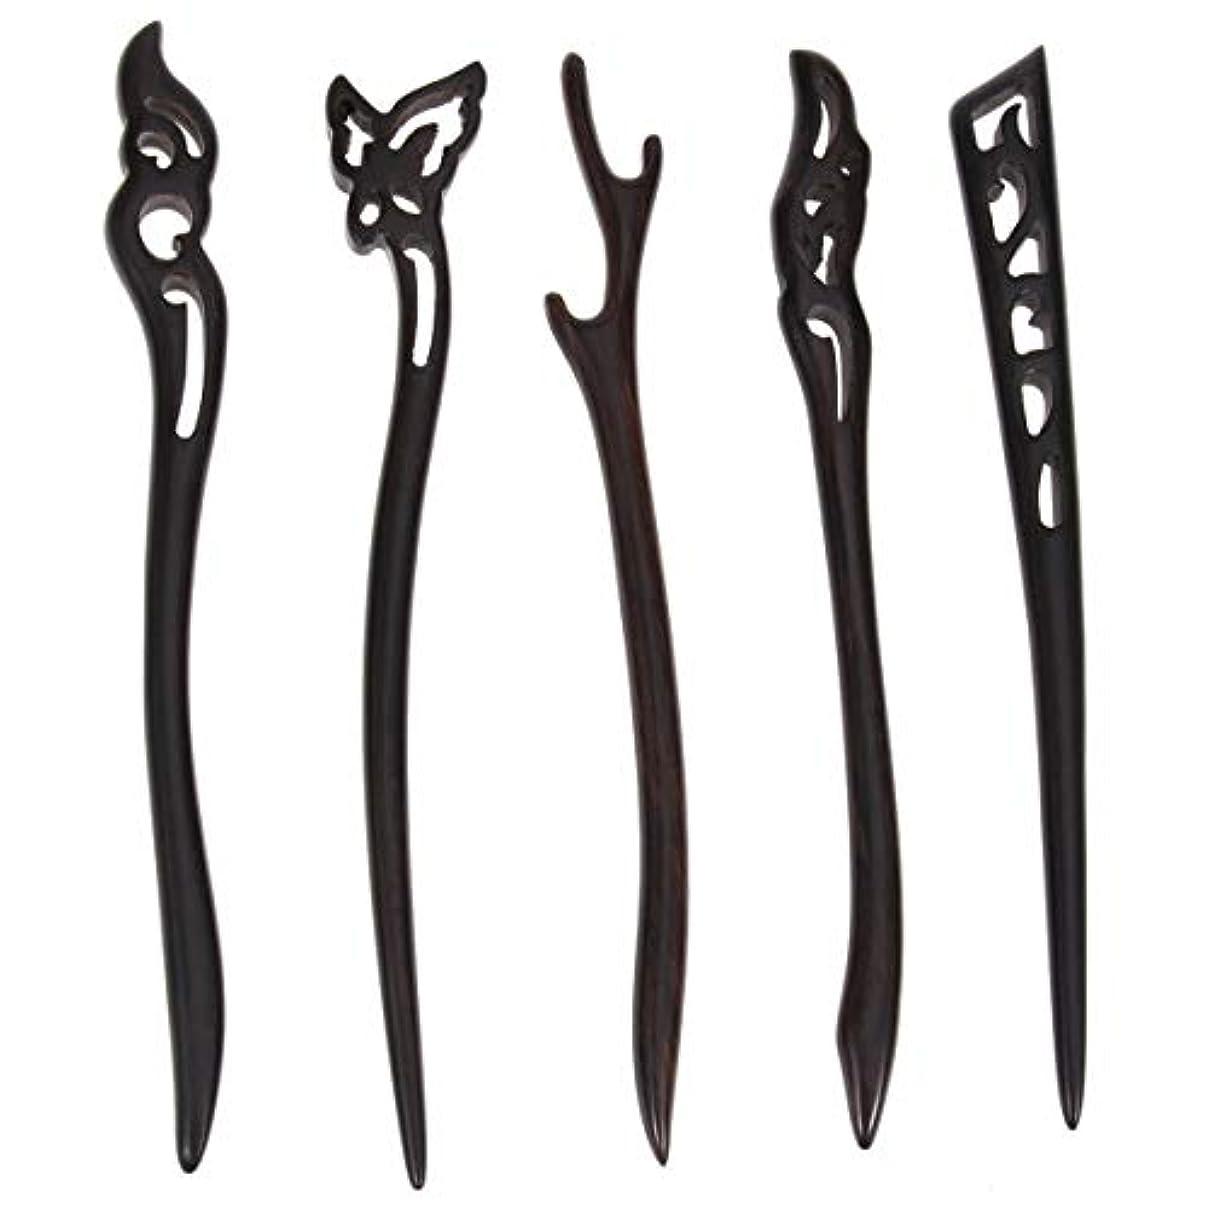 肉のブロック年金受給者Lurrose 5ピース木製ヘアスティック中国髪箸中空彫刻デザイン用女性ロングヘアスタイリング